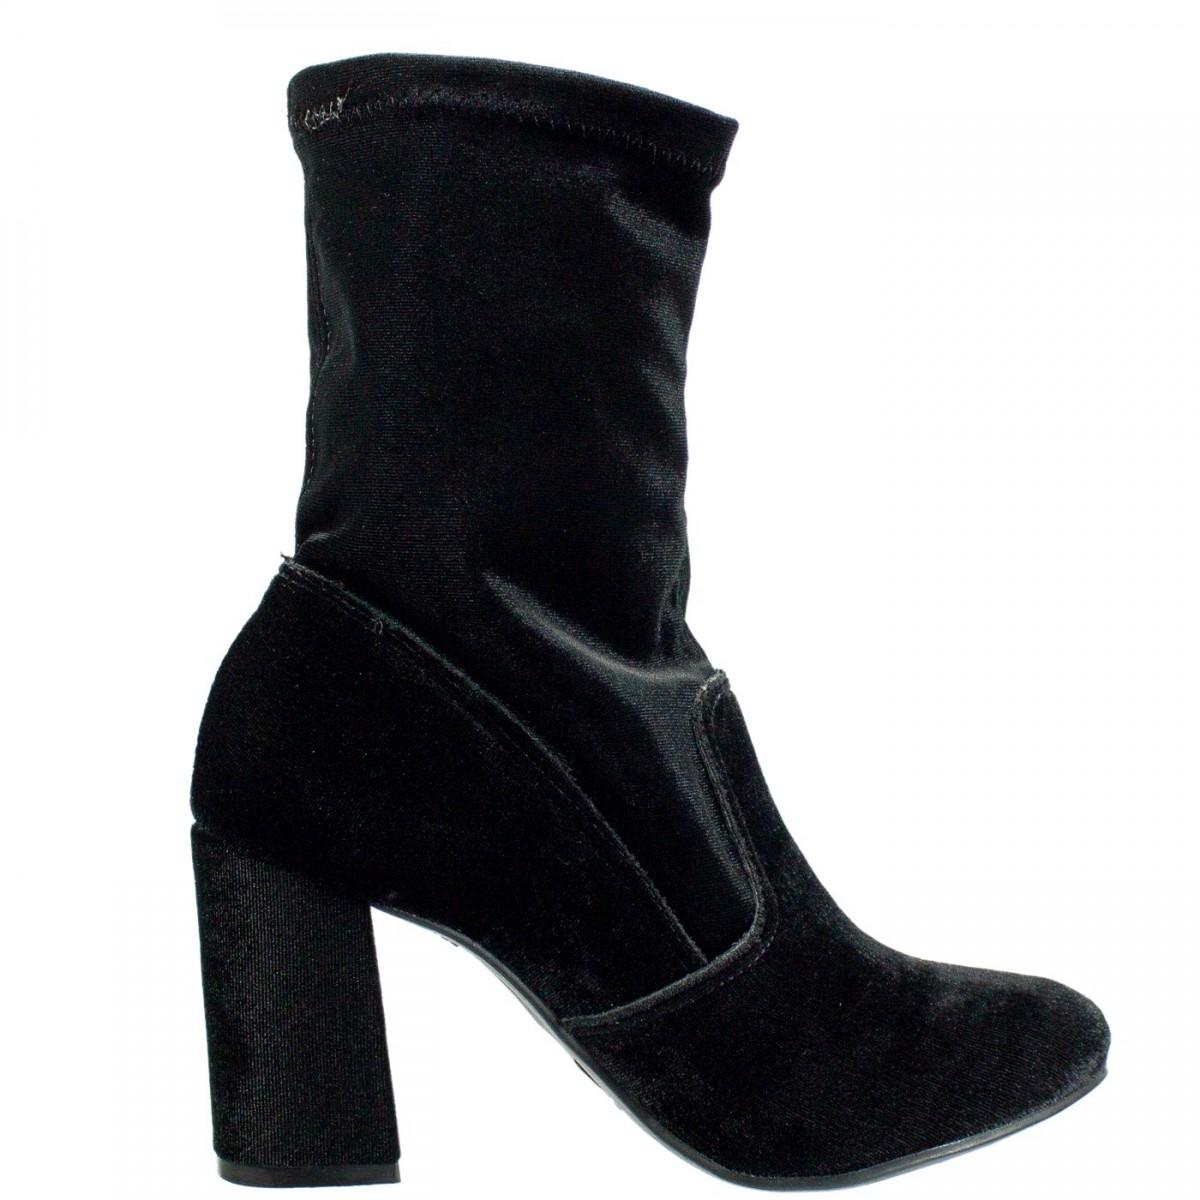 085ccc382 Bizz Store - Bota Feminina Via Marte Veludo Stretch Salto Grosso